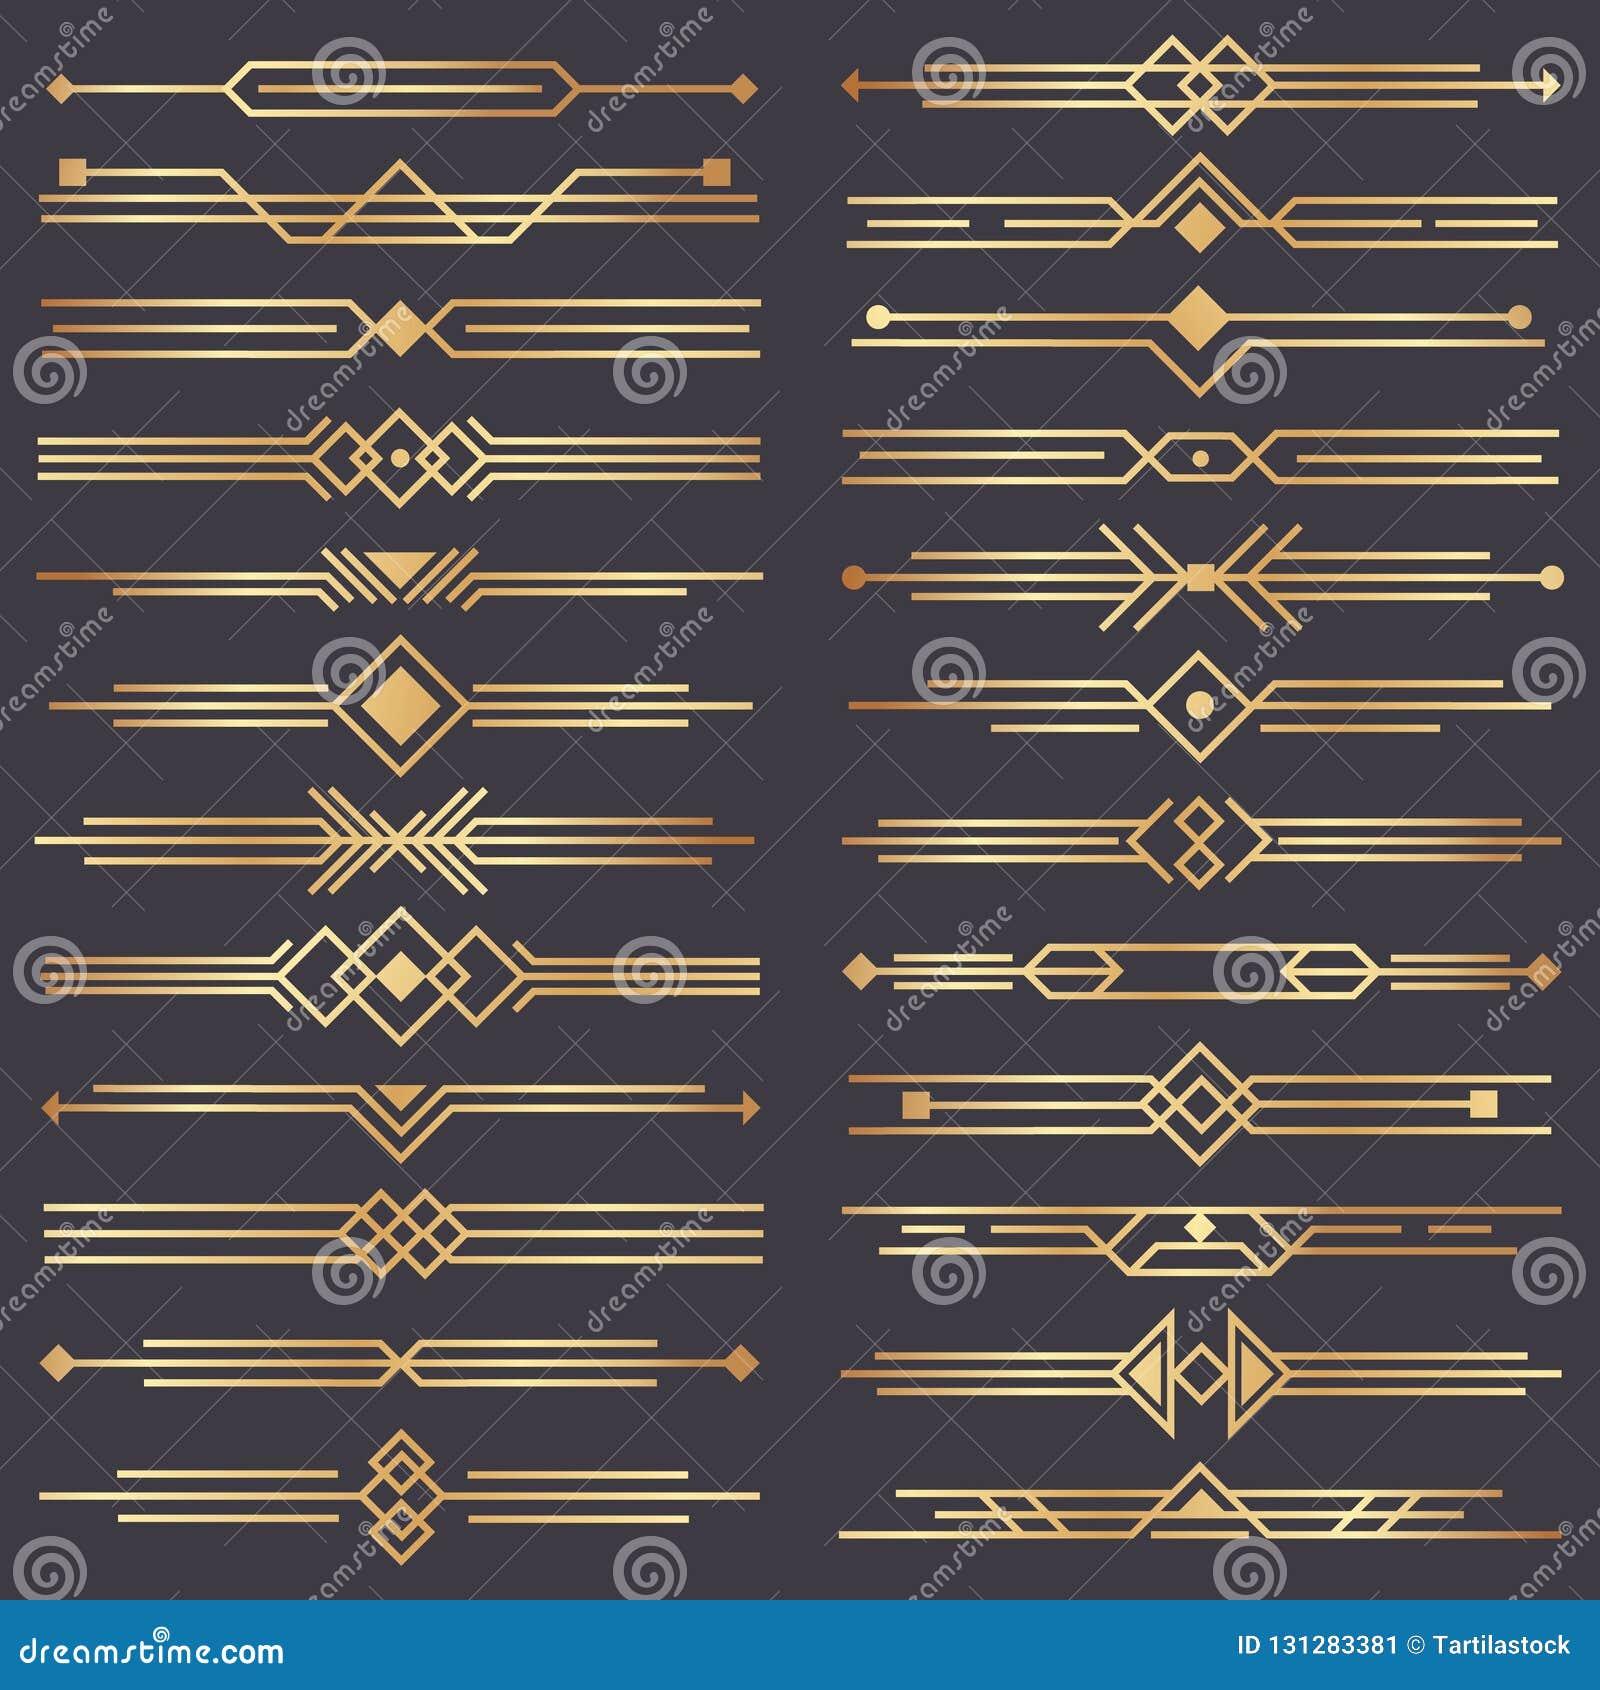 艺术装饰分切器 金子减速火箭的艺术边界,20世纪20年代装饰装饰品和金黄分切器边界导航设计集合